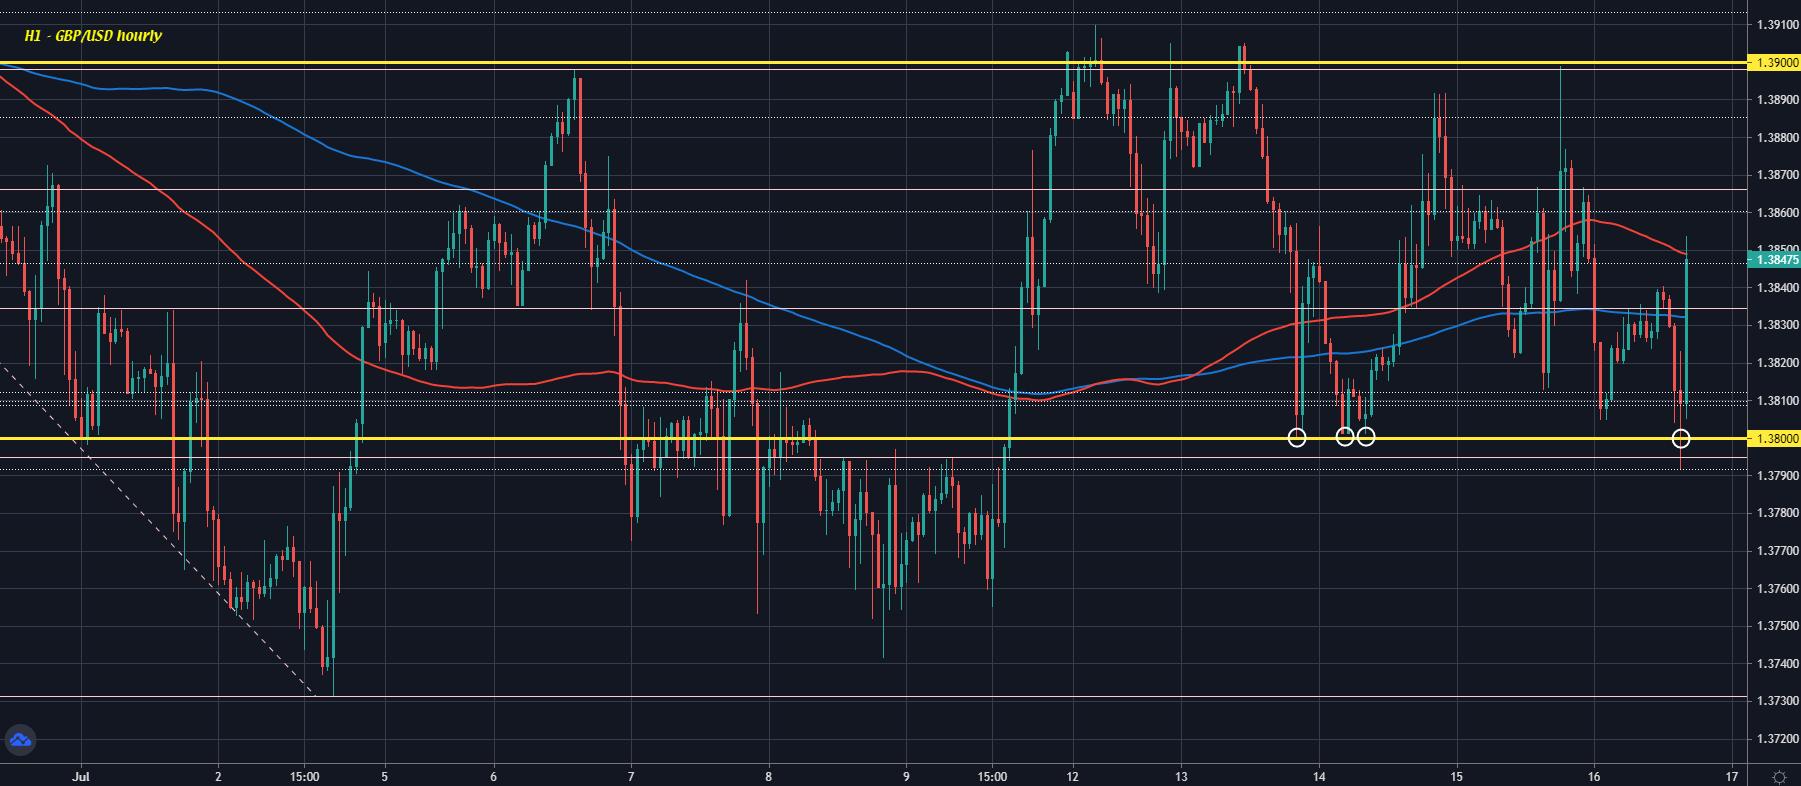 GBP/USD H1 16-07